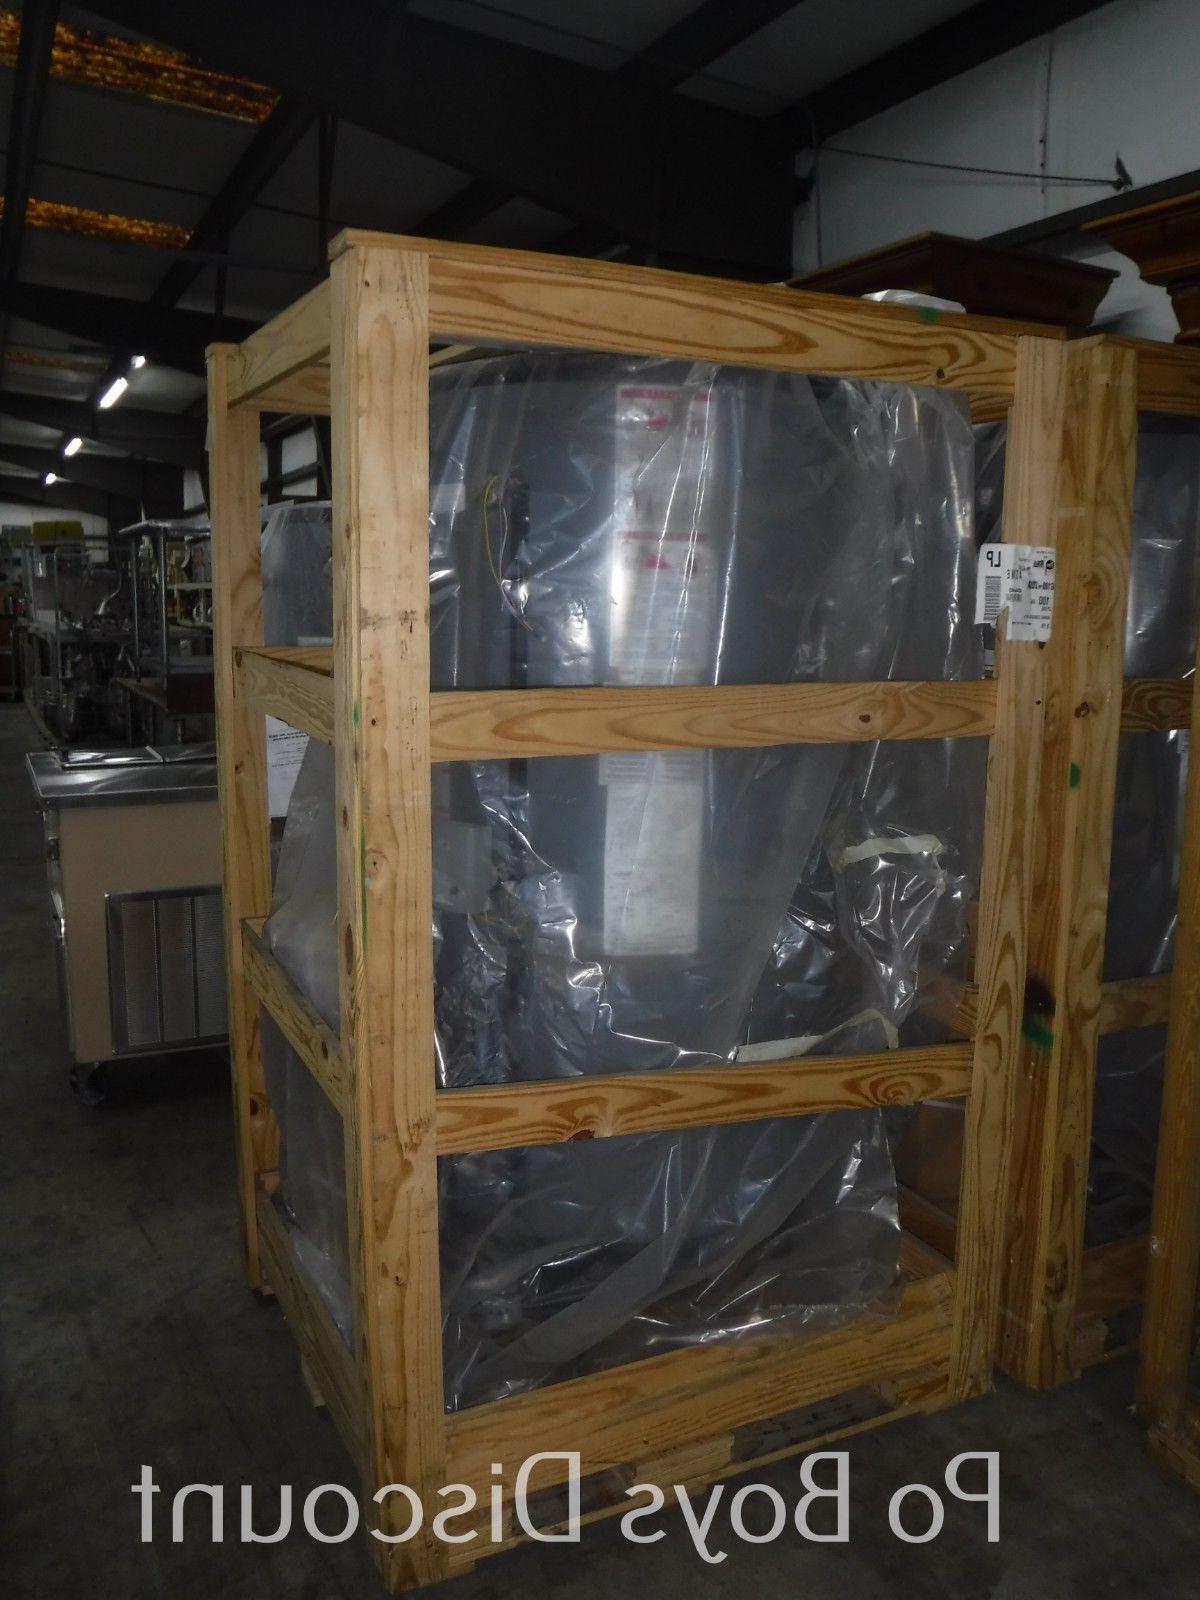 Rheem-Rudd Commercial Hot Water Heater G100-200A 199,999 BTU